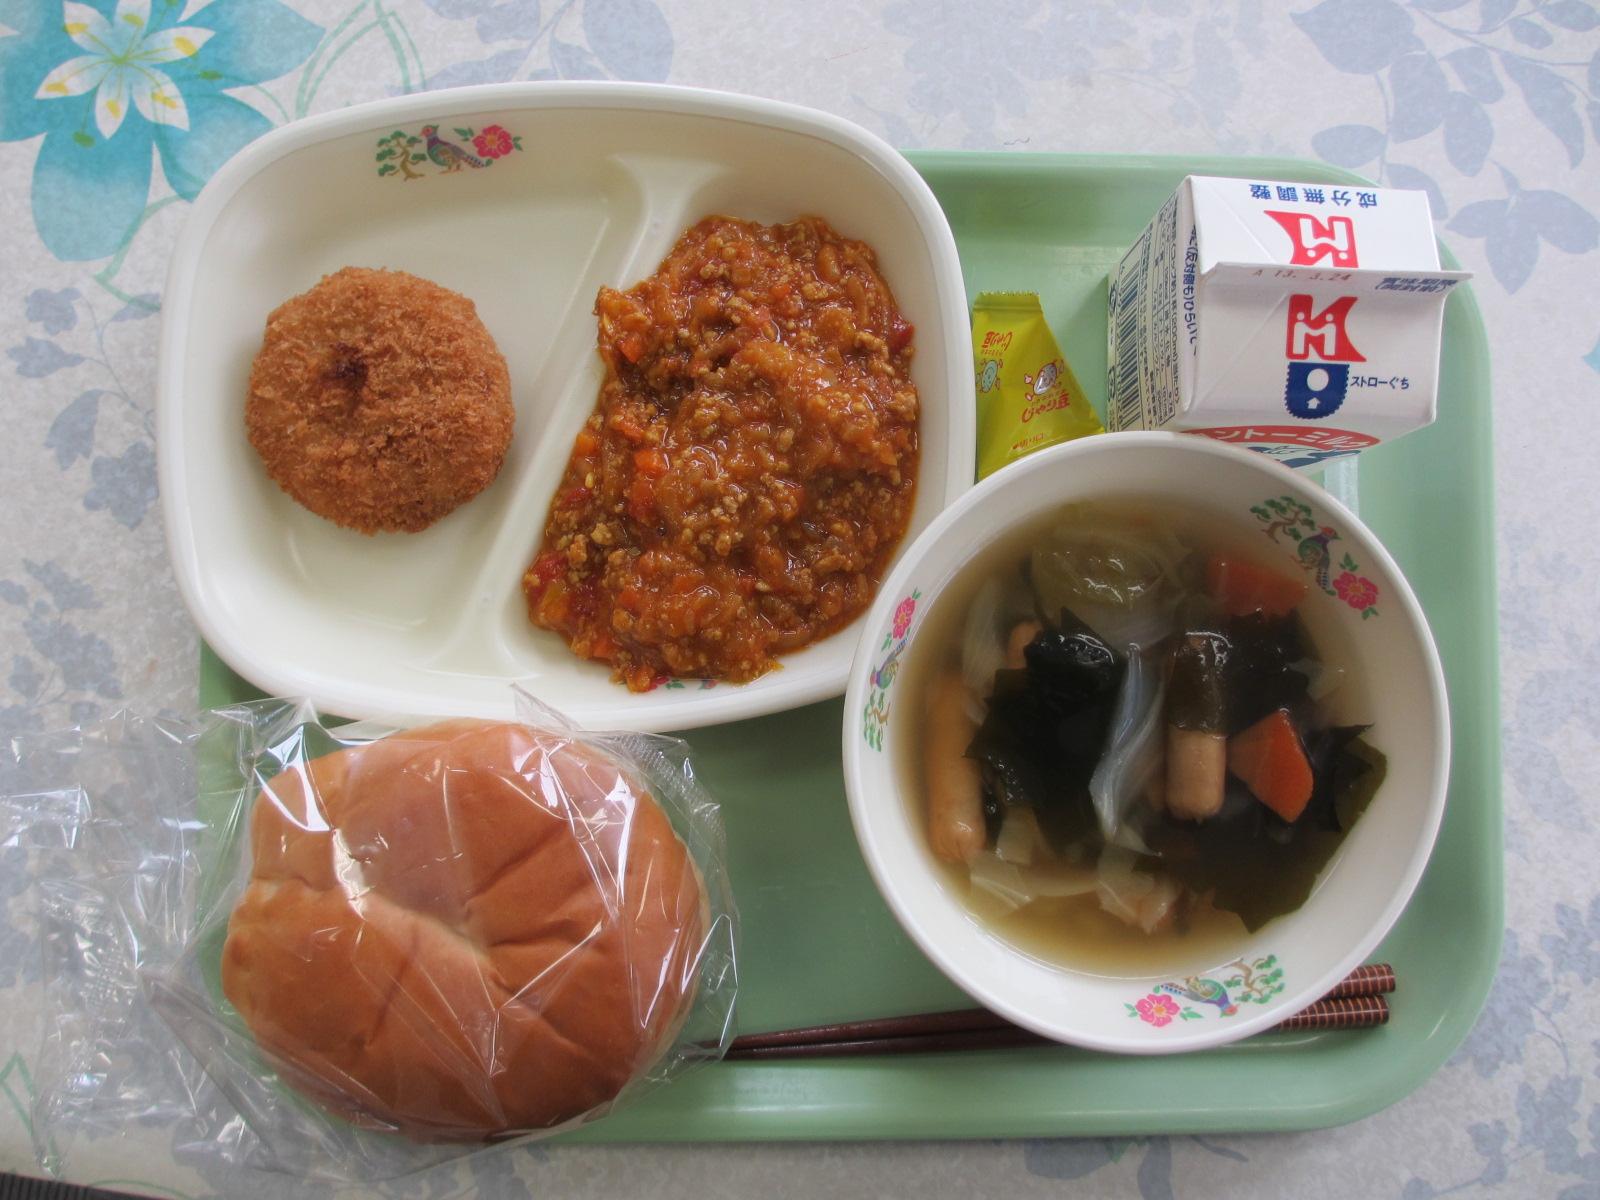 ドライカレー・野菜スープ・ローズポークコロッケでした。ごちそうさまでした。\\\